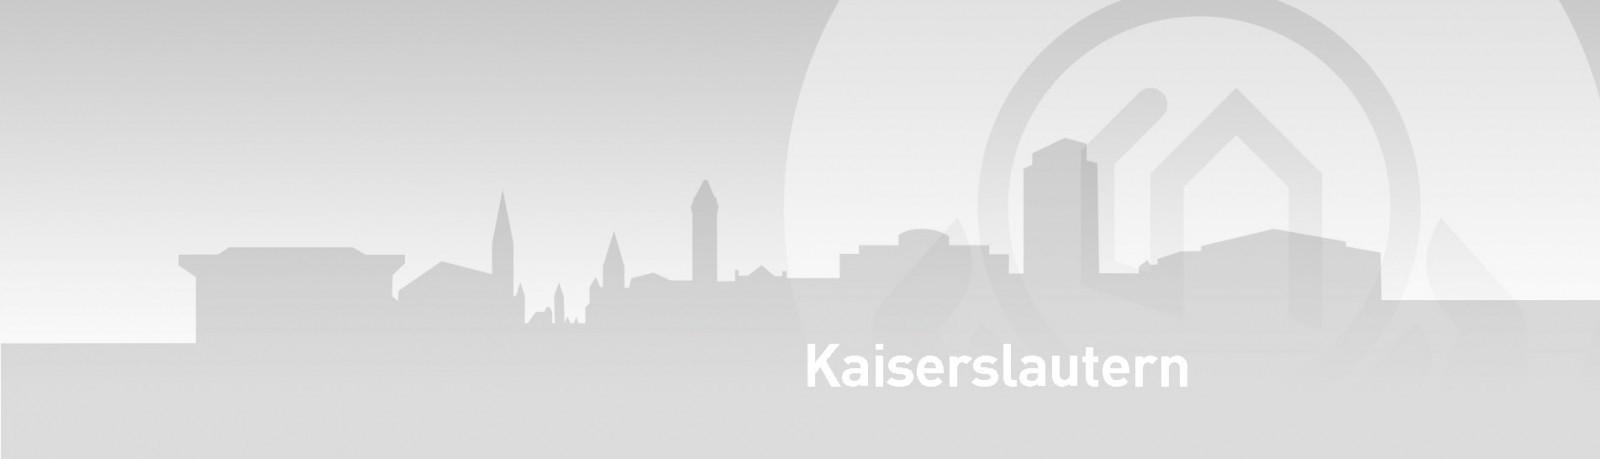 Kaiserslautern SENCURINA 1904x546 - Besondere Leistungen Kaiserslautern